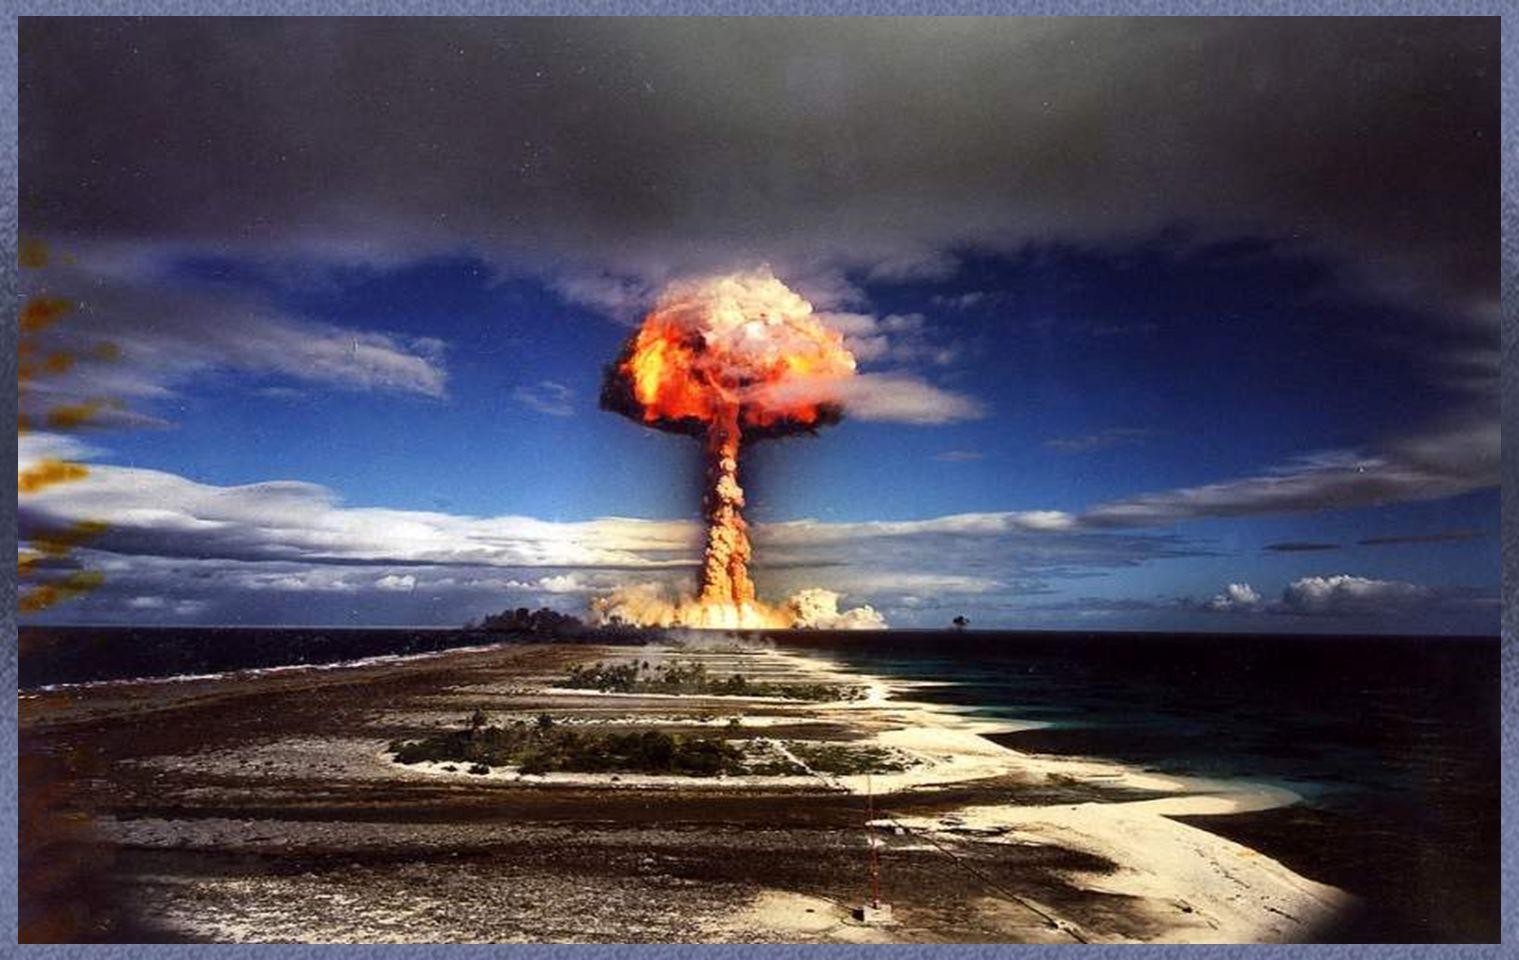 ATOLON MURUROA Desde 1966 hasta 1974 el ejército francés realizó 41 pruebas nucleares atmosféricas, lo que provocó una serie de protestas internacionales y fue hasta 1996 en que Francia abandonó los ensayos.